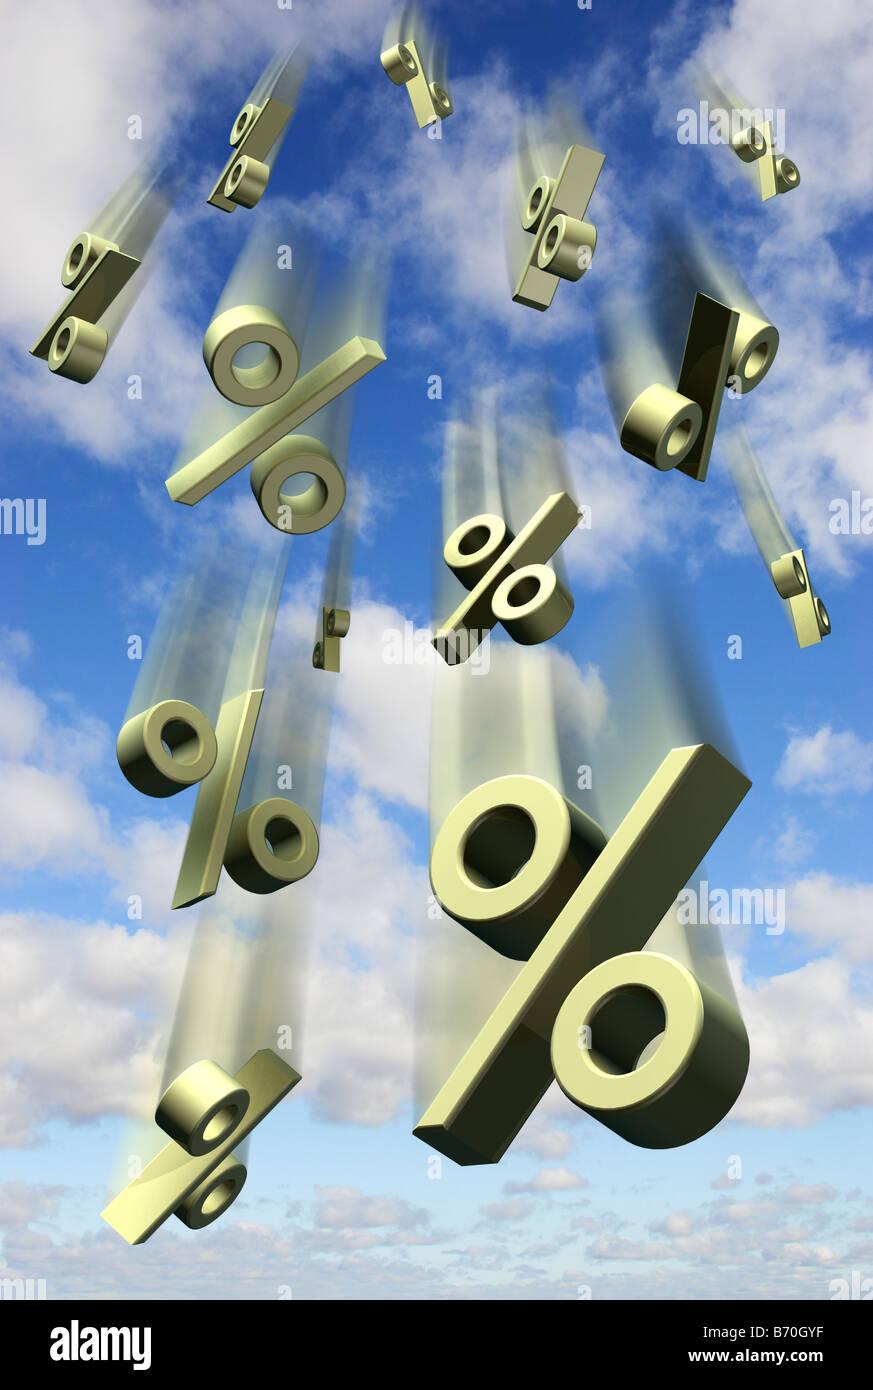 Zinssatz Preise fallen vor einem blauen Himmel - digital Composite Symbole Stockbild